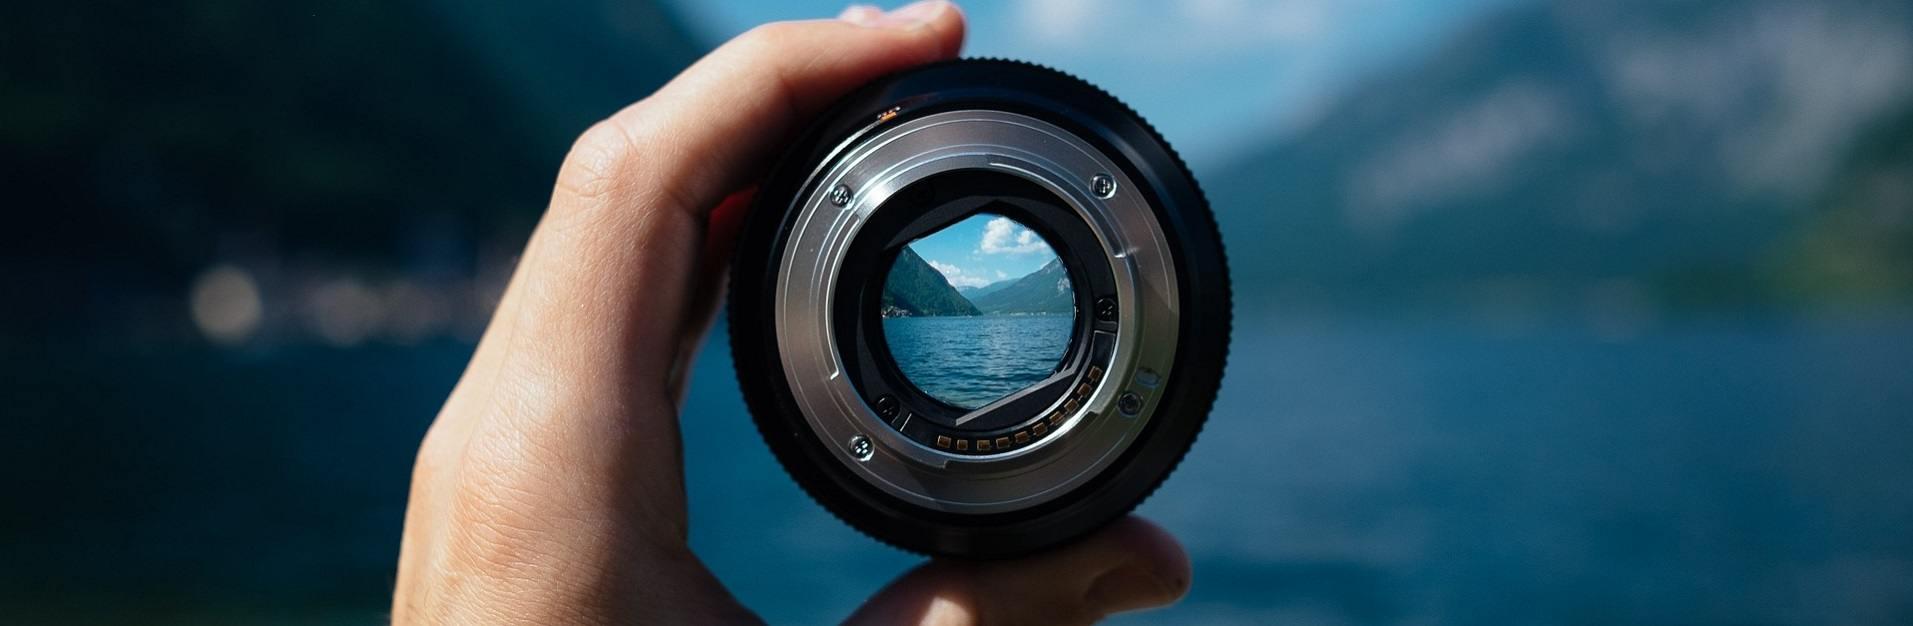 foto van hand met lens, daar doorheen zie je focus op bergen